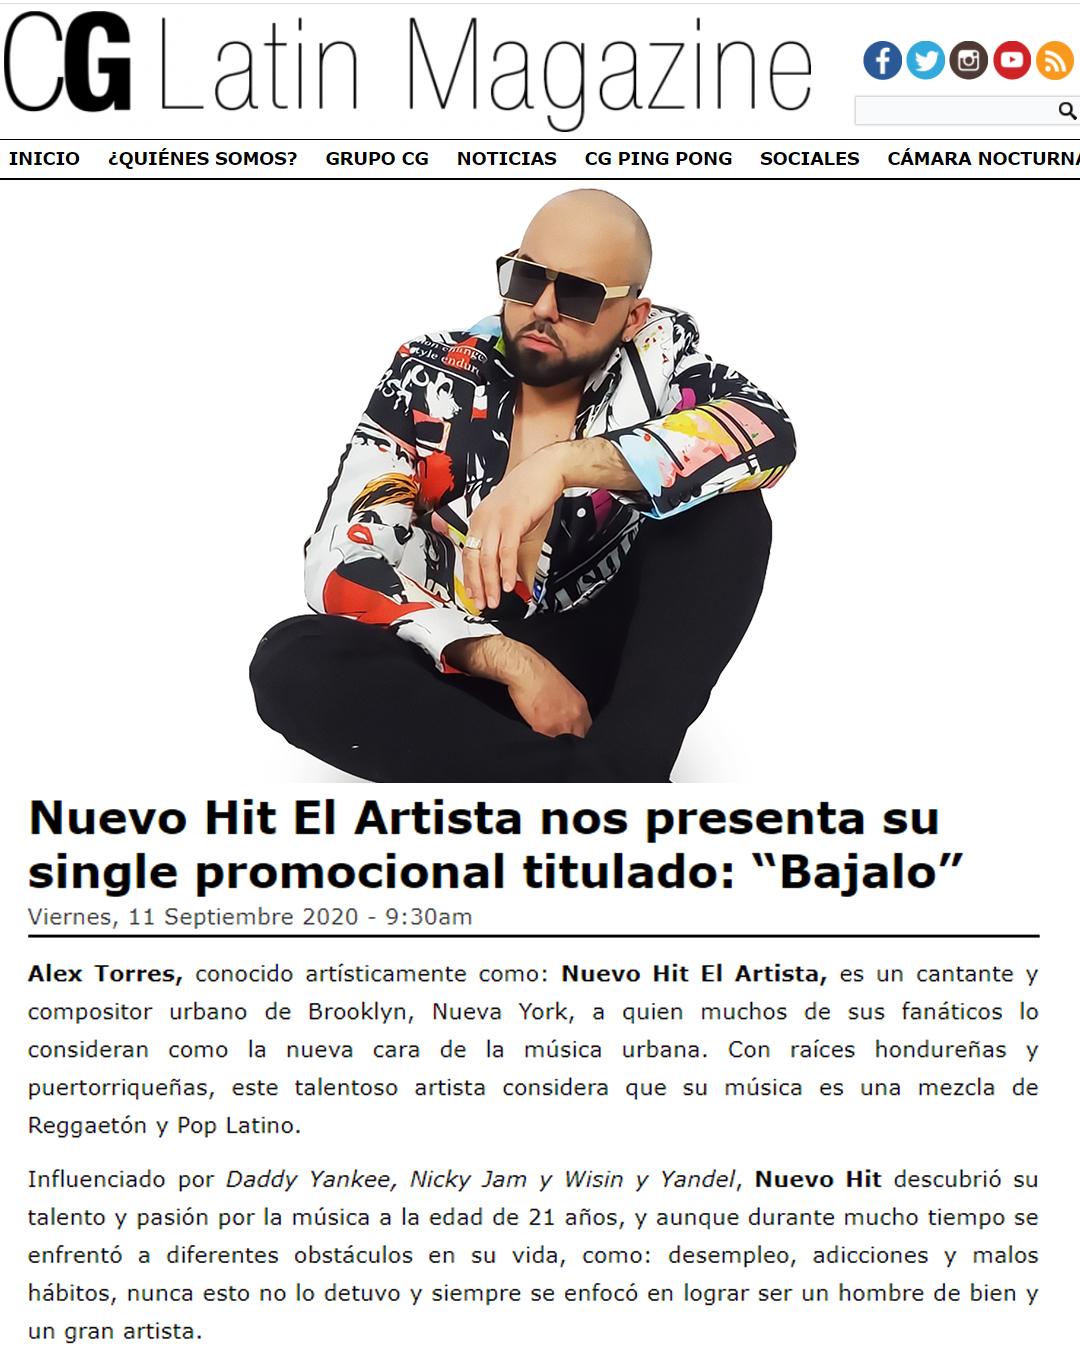 cg latin magazine